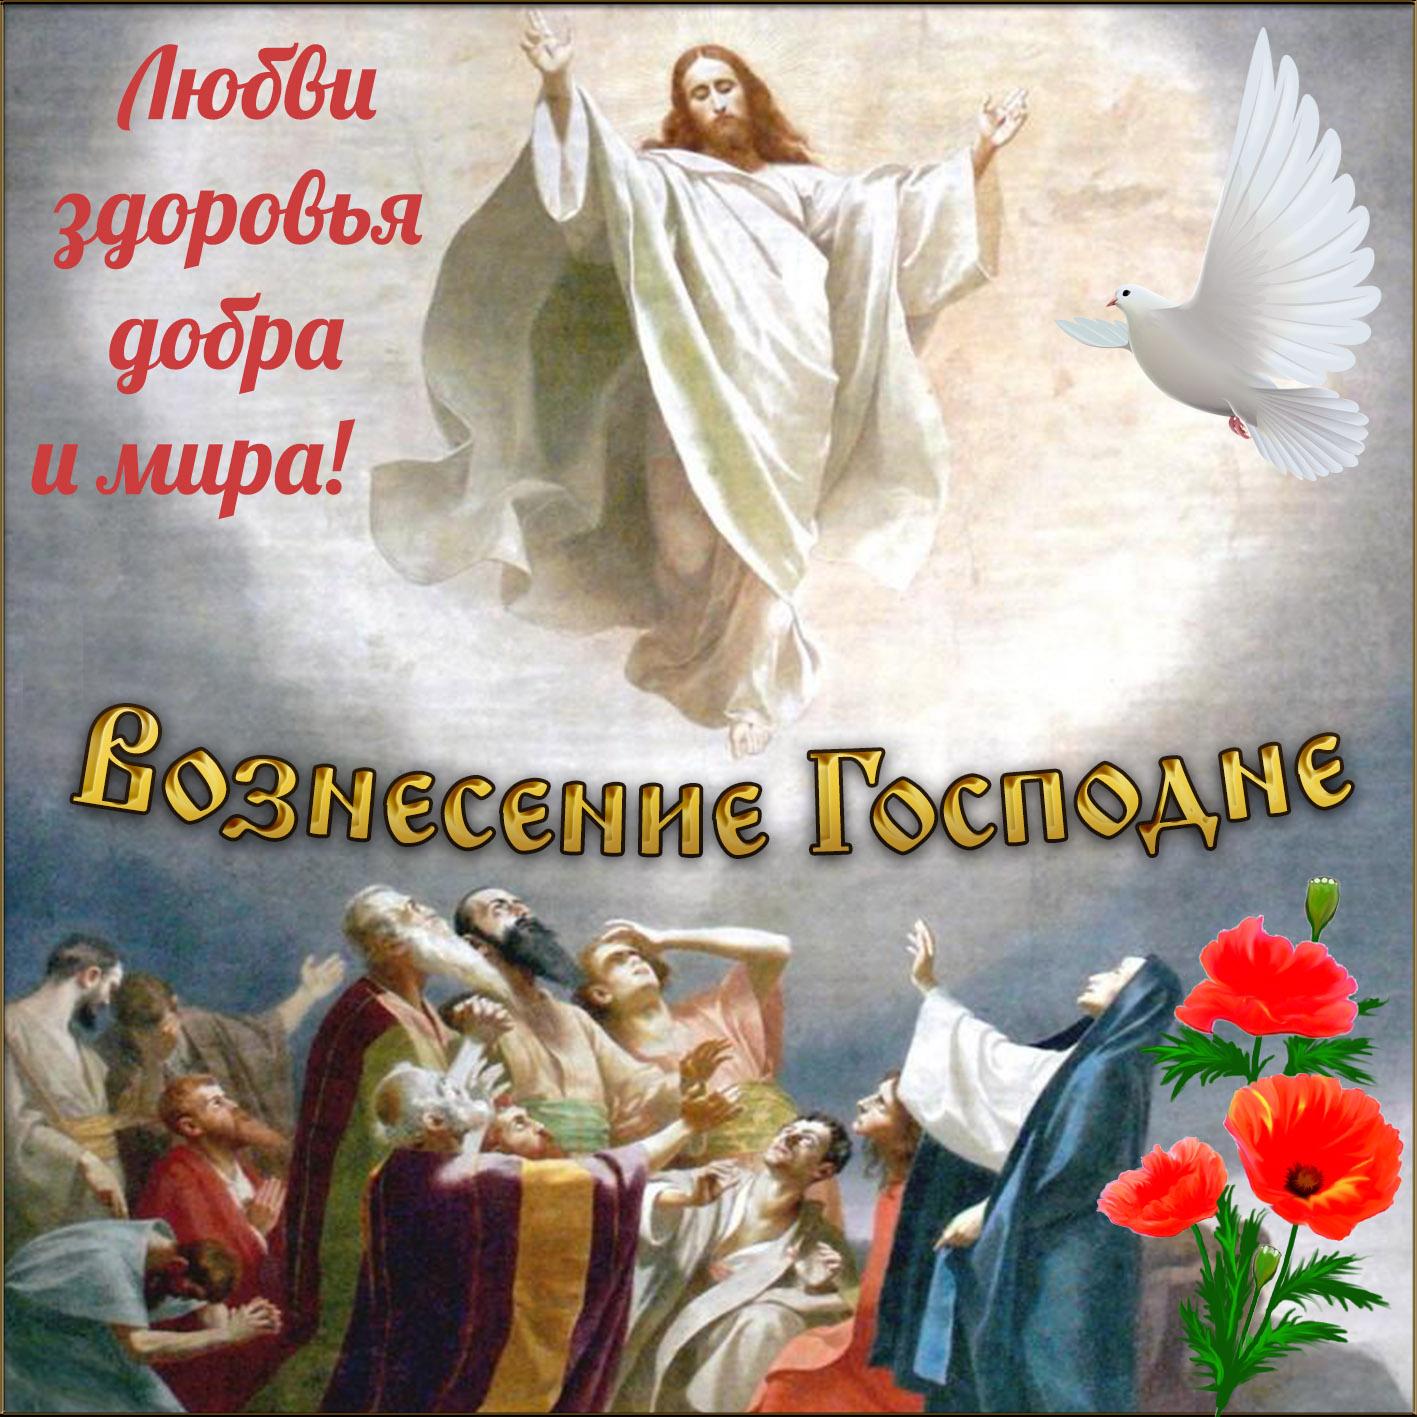 Красивая открытка на праздник Вознесения Господня